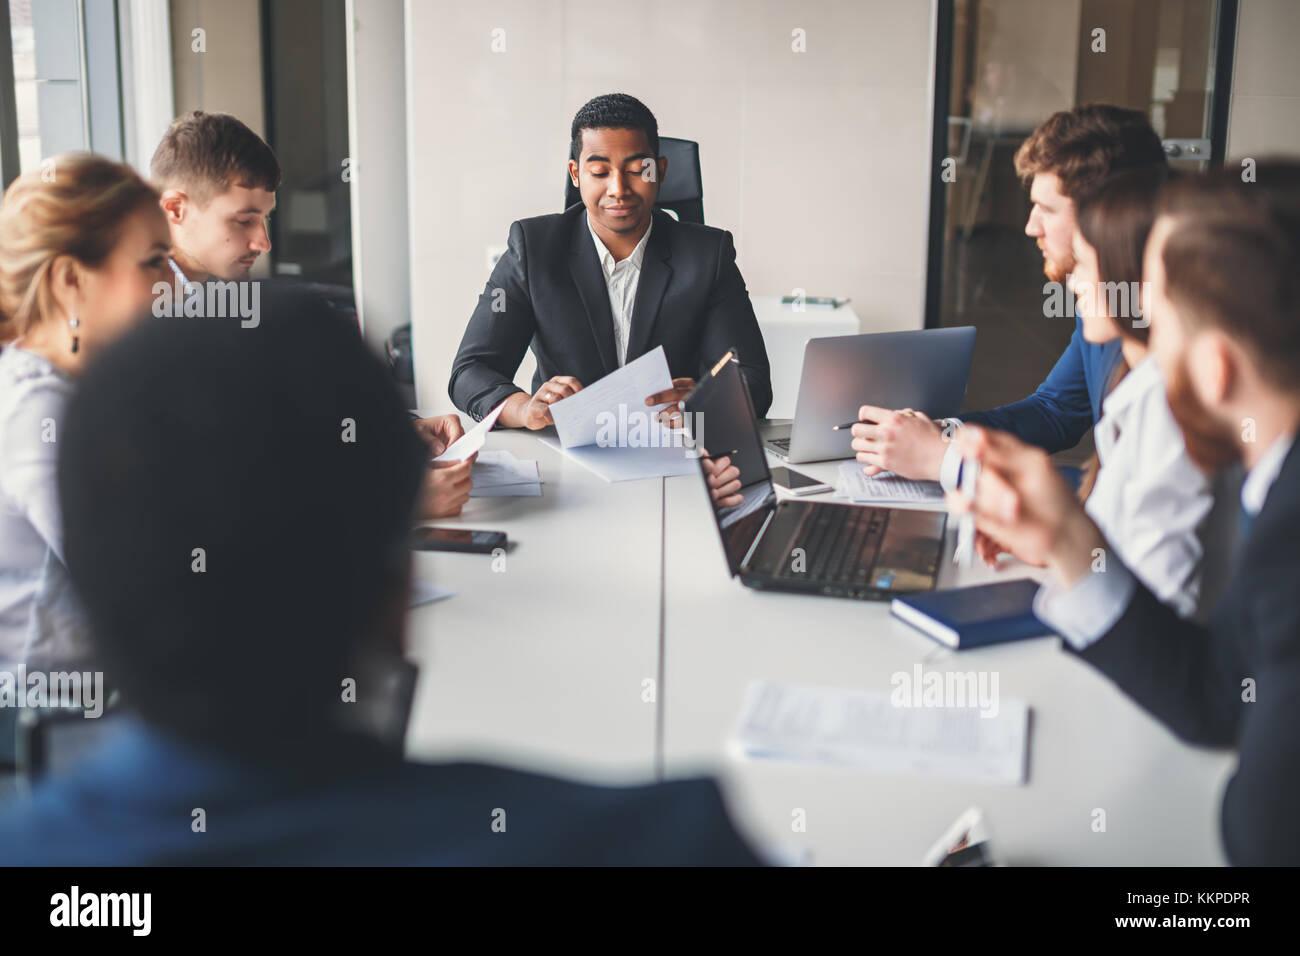 Capo titolo una riunione aziendale con i partner Immagini Stock